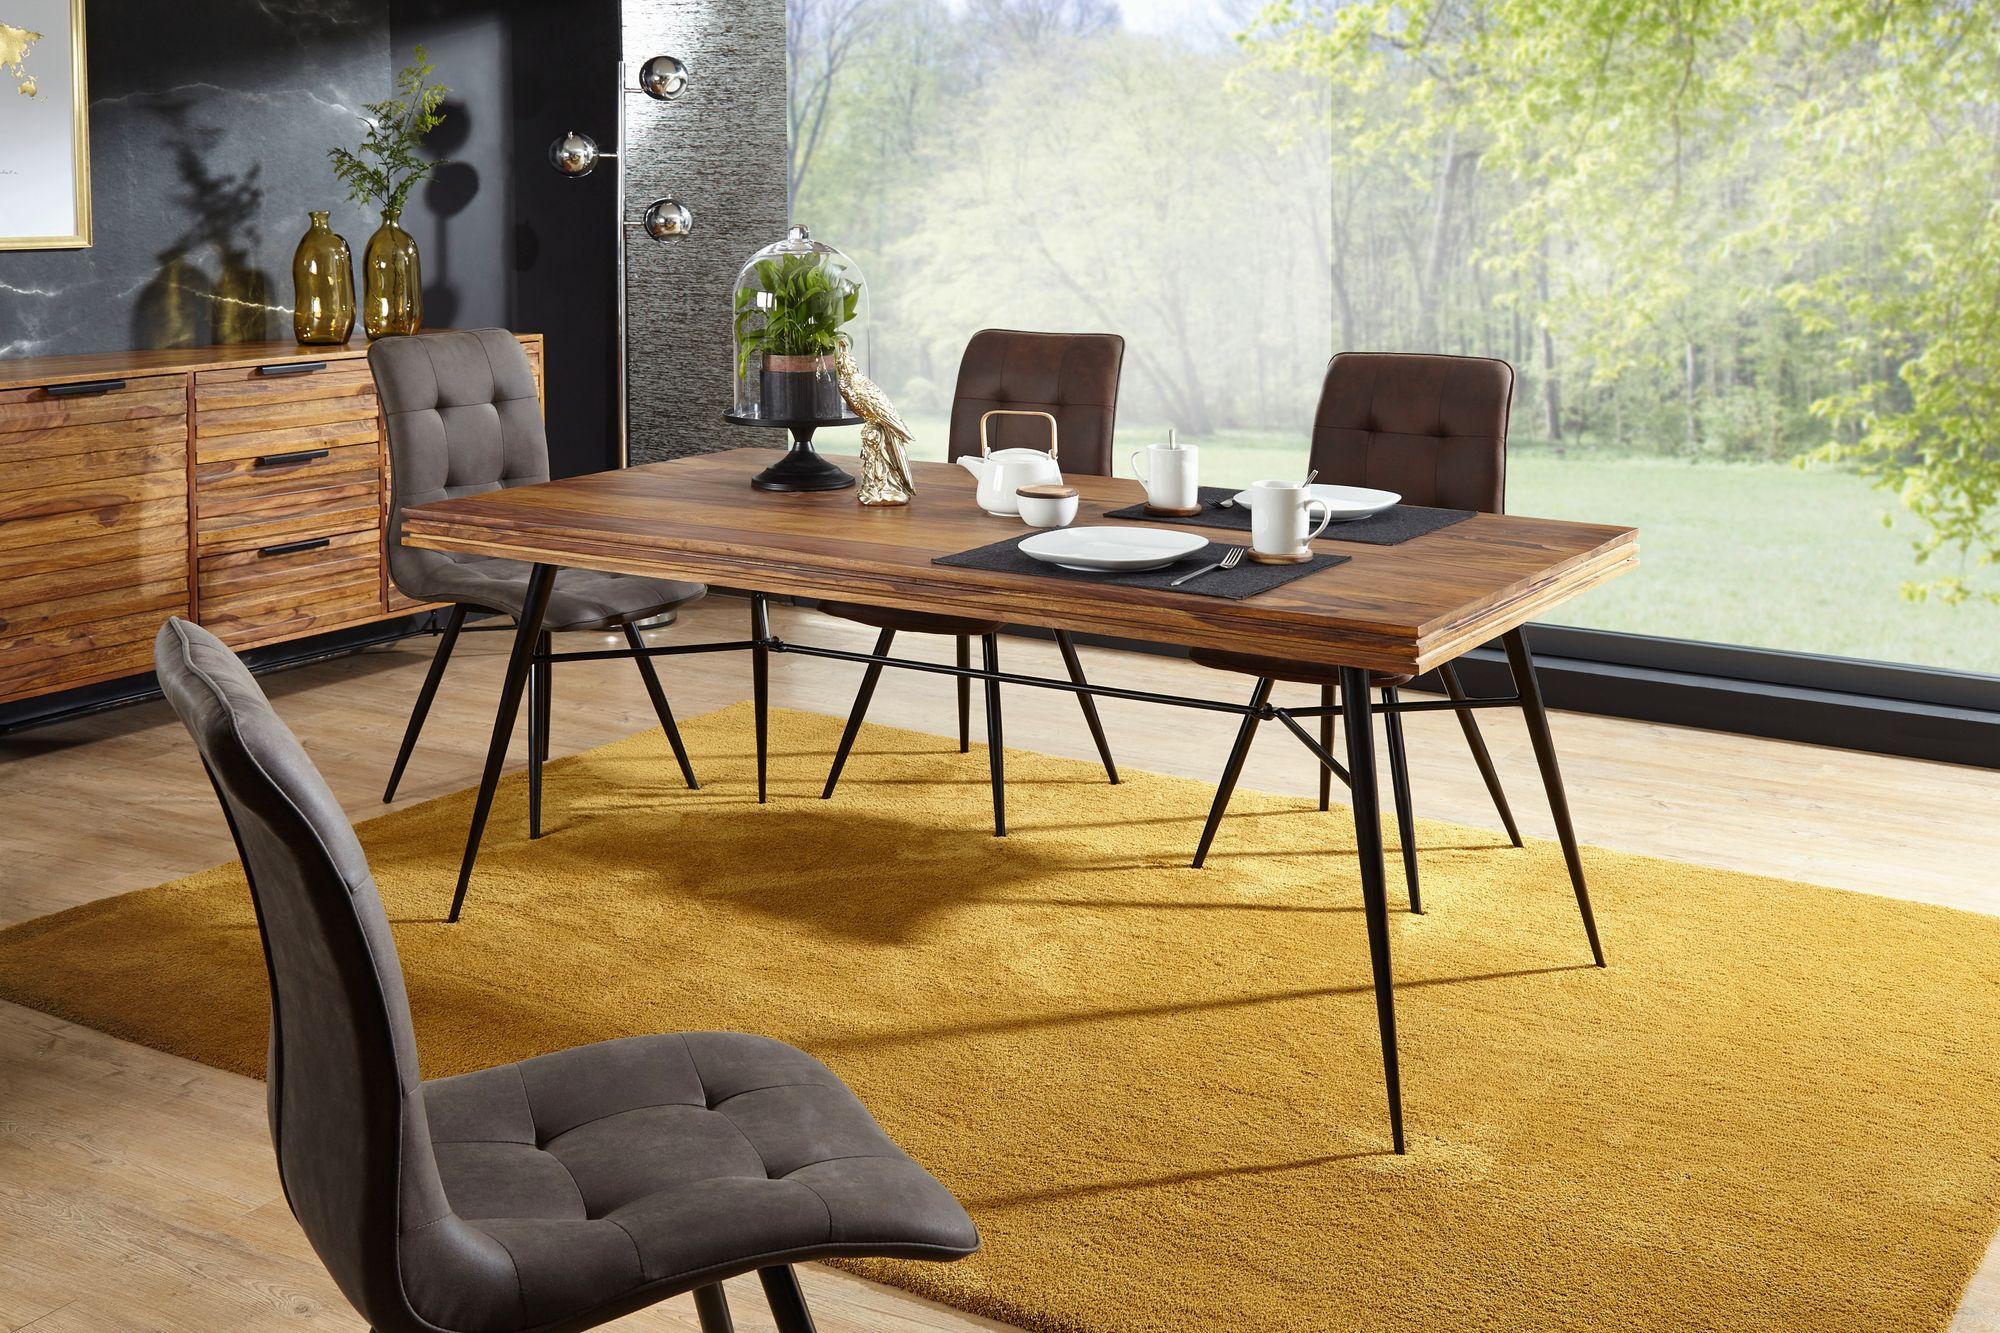 Merveilleux FineBuy Esstisch Sheesham Massiv Esszimmertisch Holztisch Tisch Esszimmer  Metall